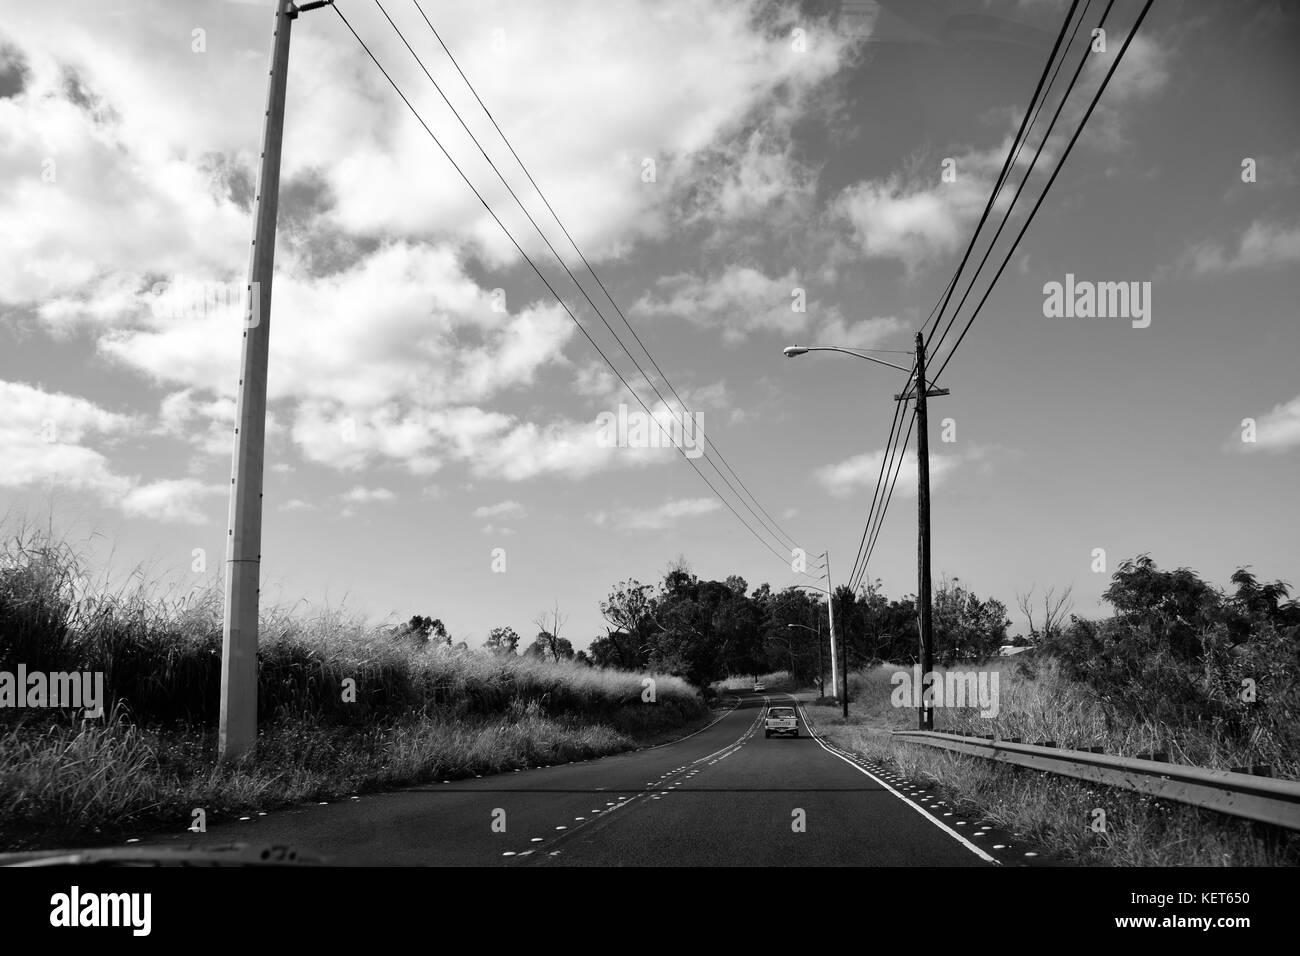 Driving to Ka'ena Point Trail, Oahu Hawaii - Stock Image